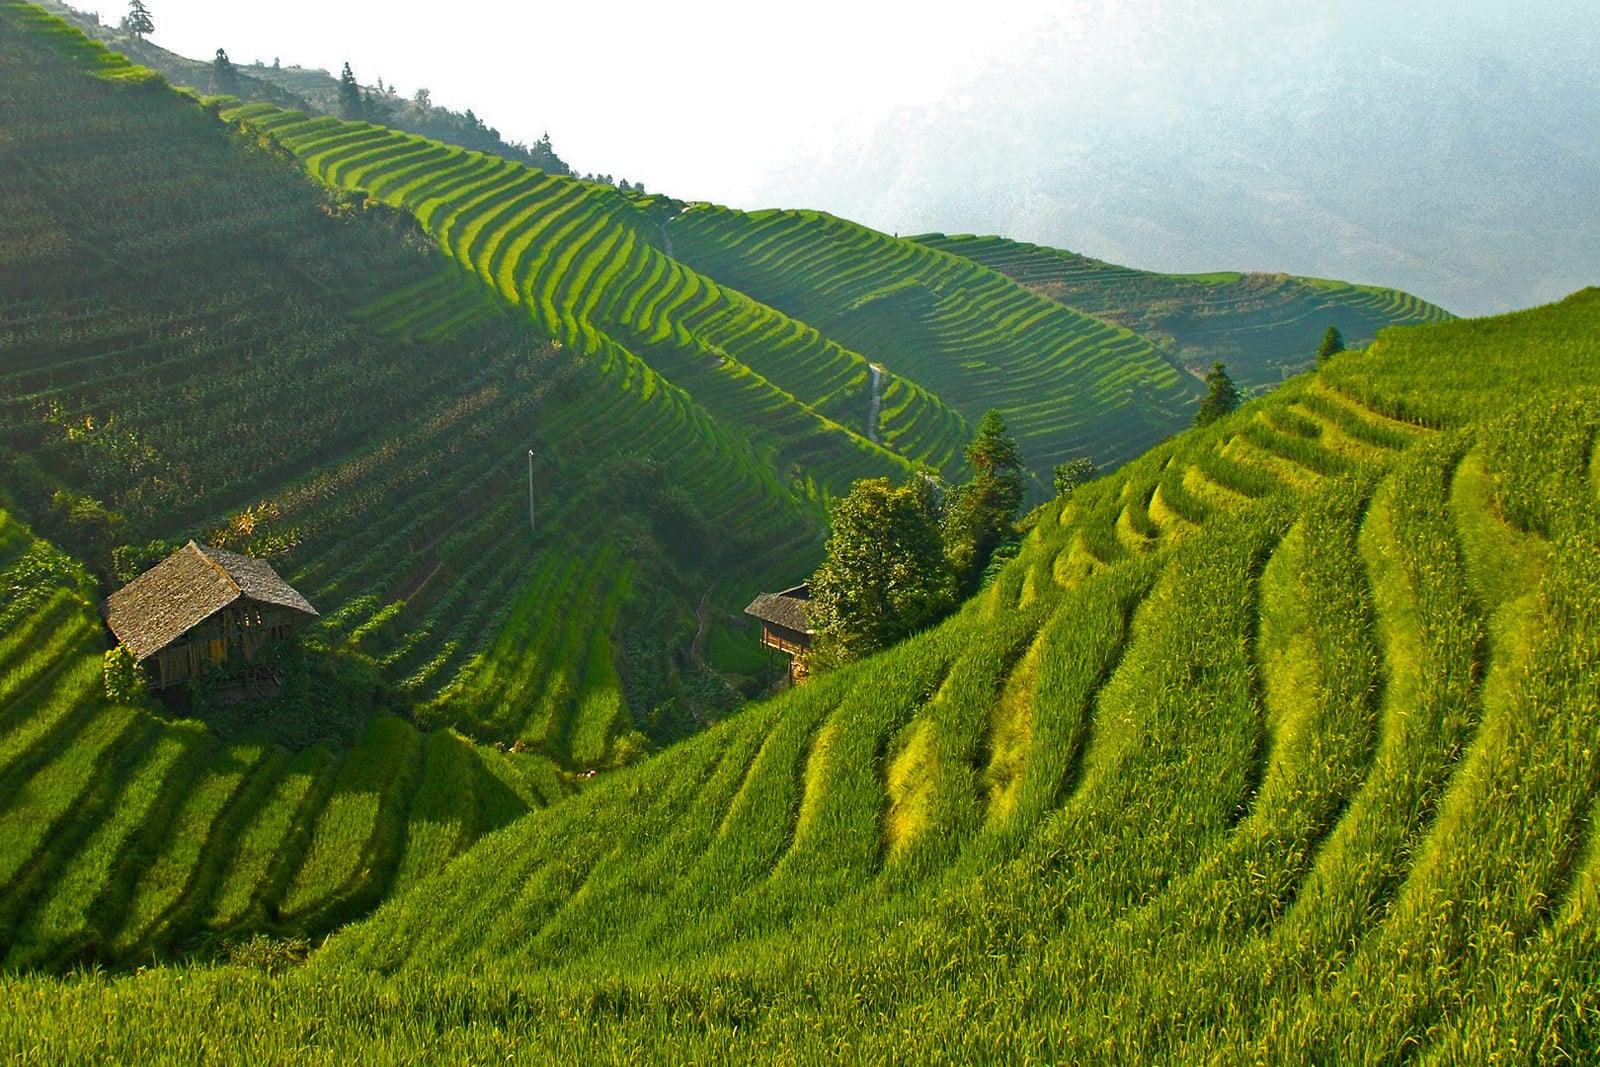 Reisterrassen in China, das typische Bild in Asien